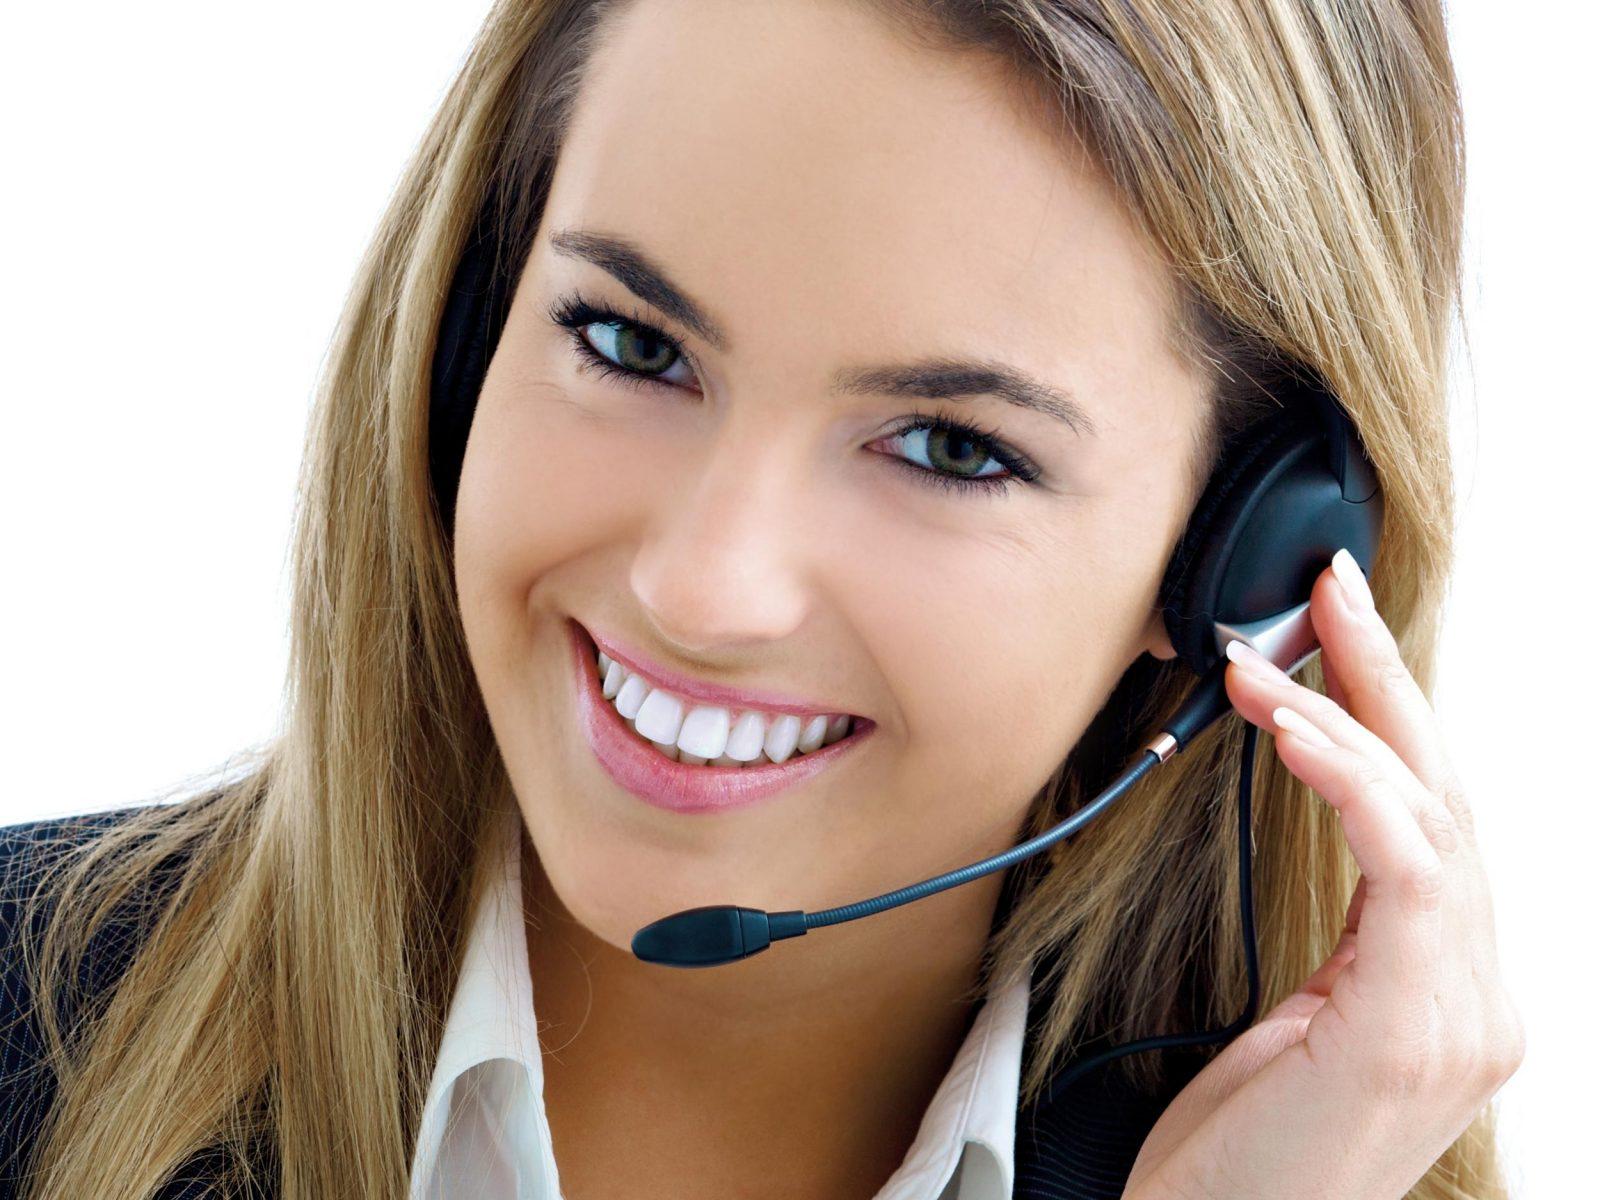 Call-виджет для вашего бизнеса